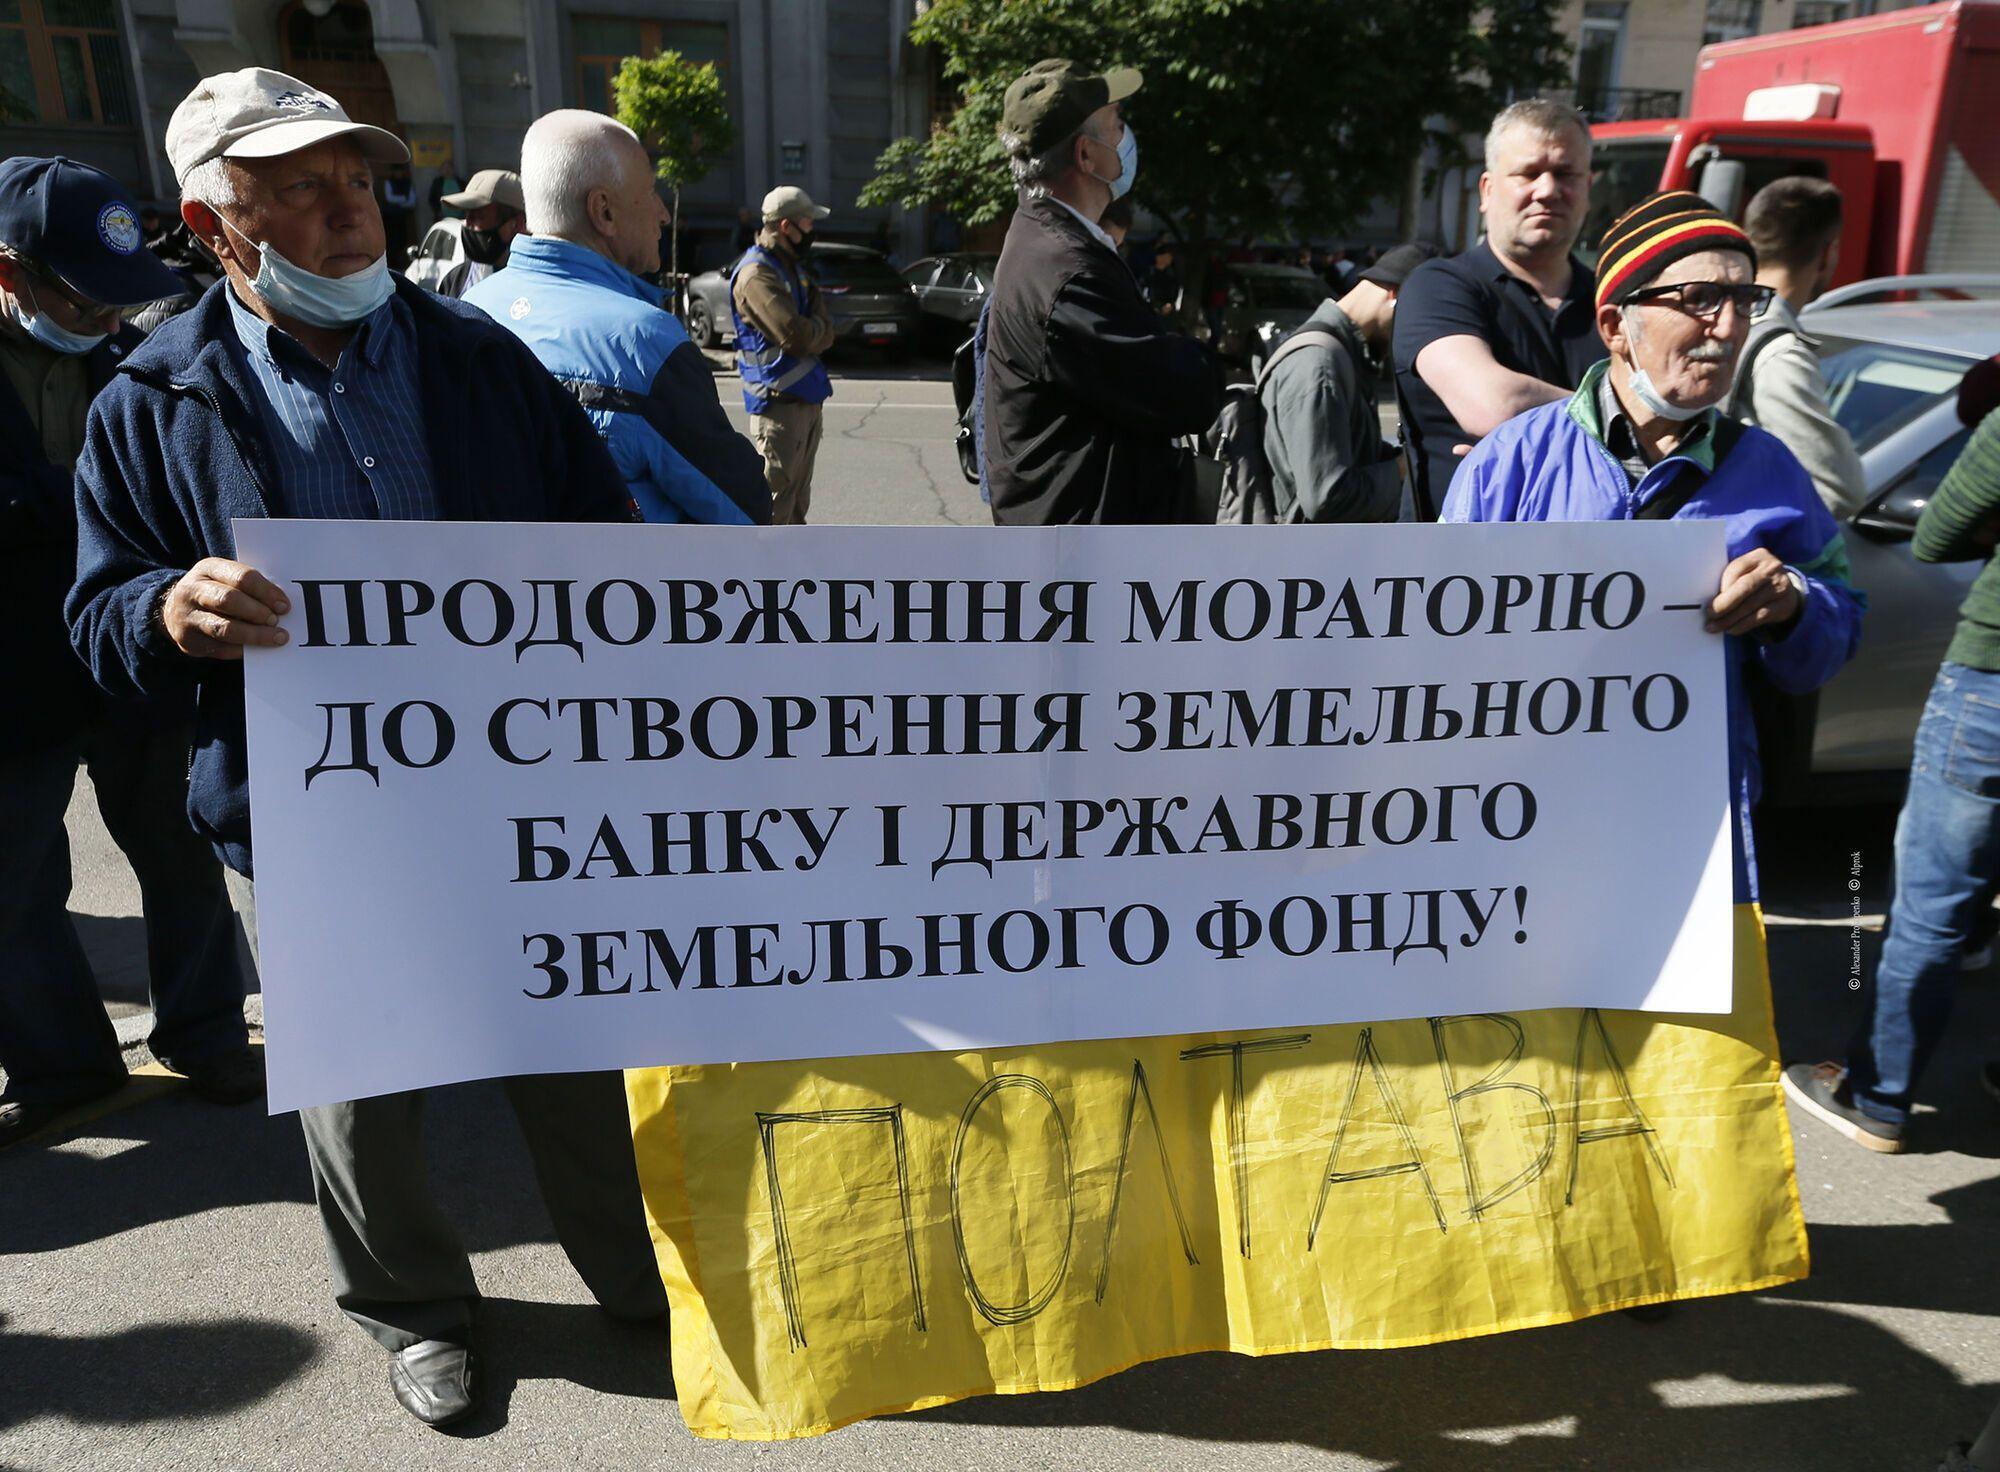 Люди зібралися під будівлею КСУ, щоб висловити свою підтримку на захист української землі